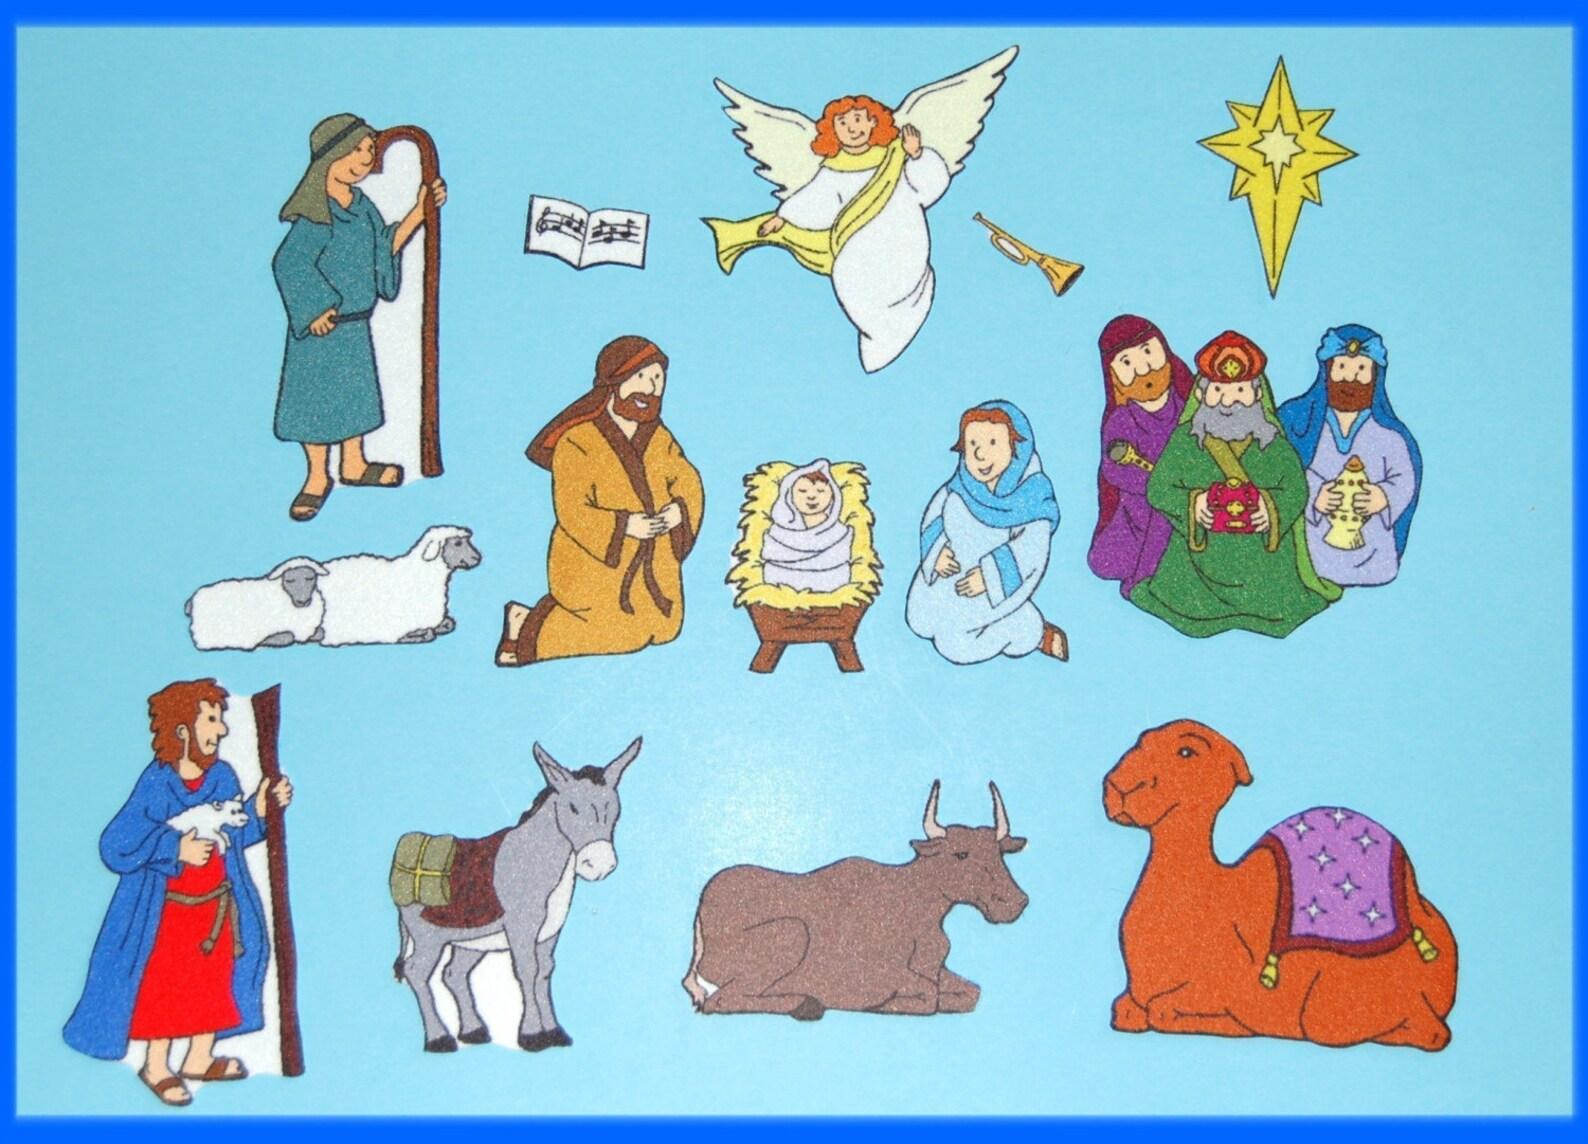 лнр рождественский вертеп картинки для печати жевательного зефира получается